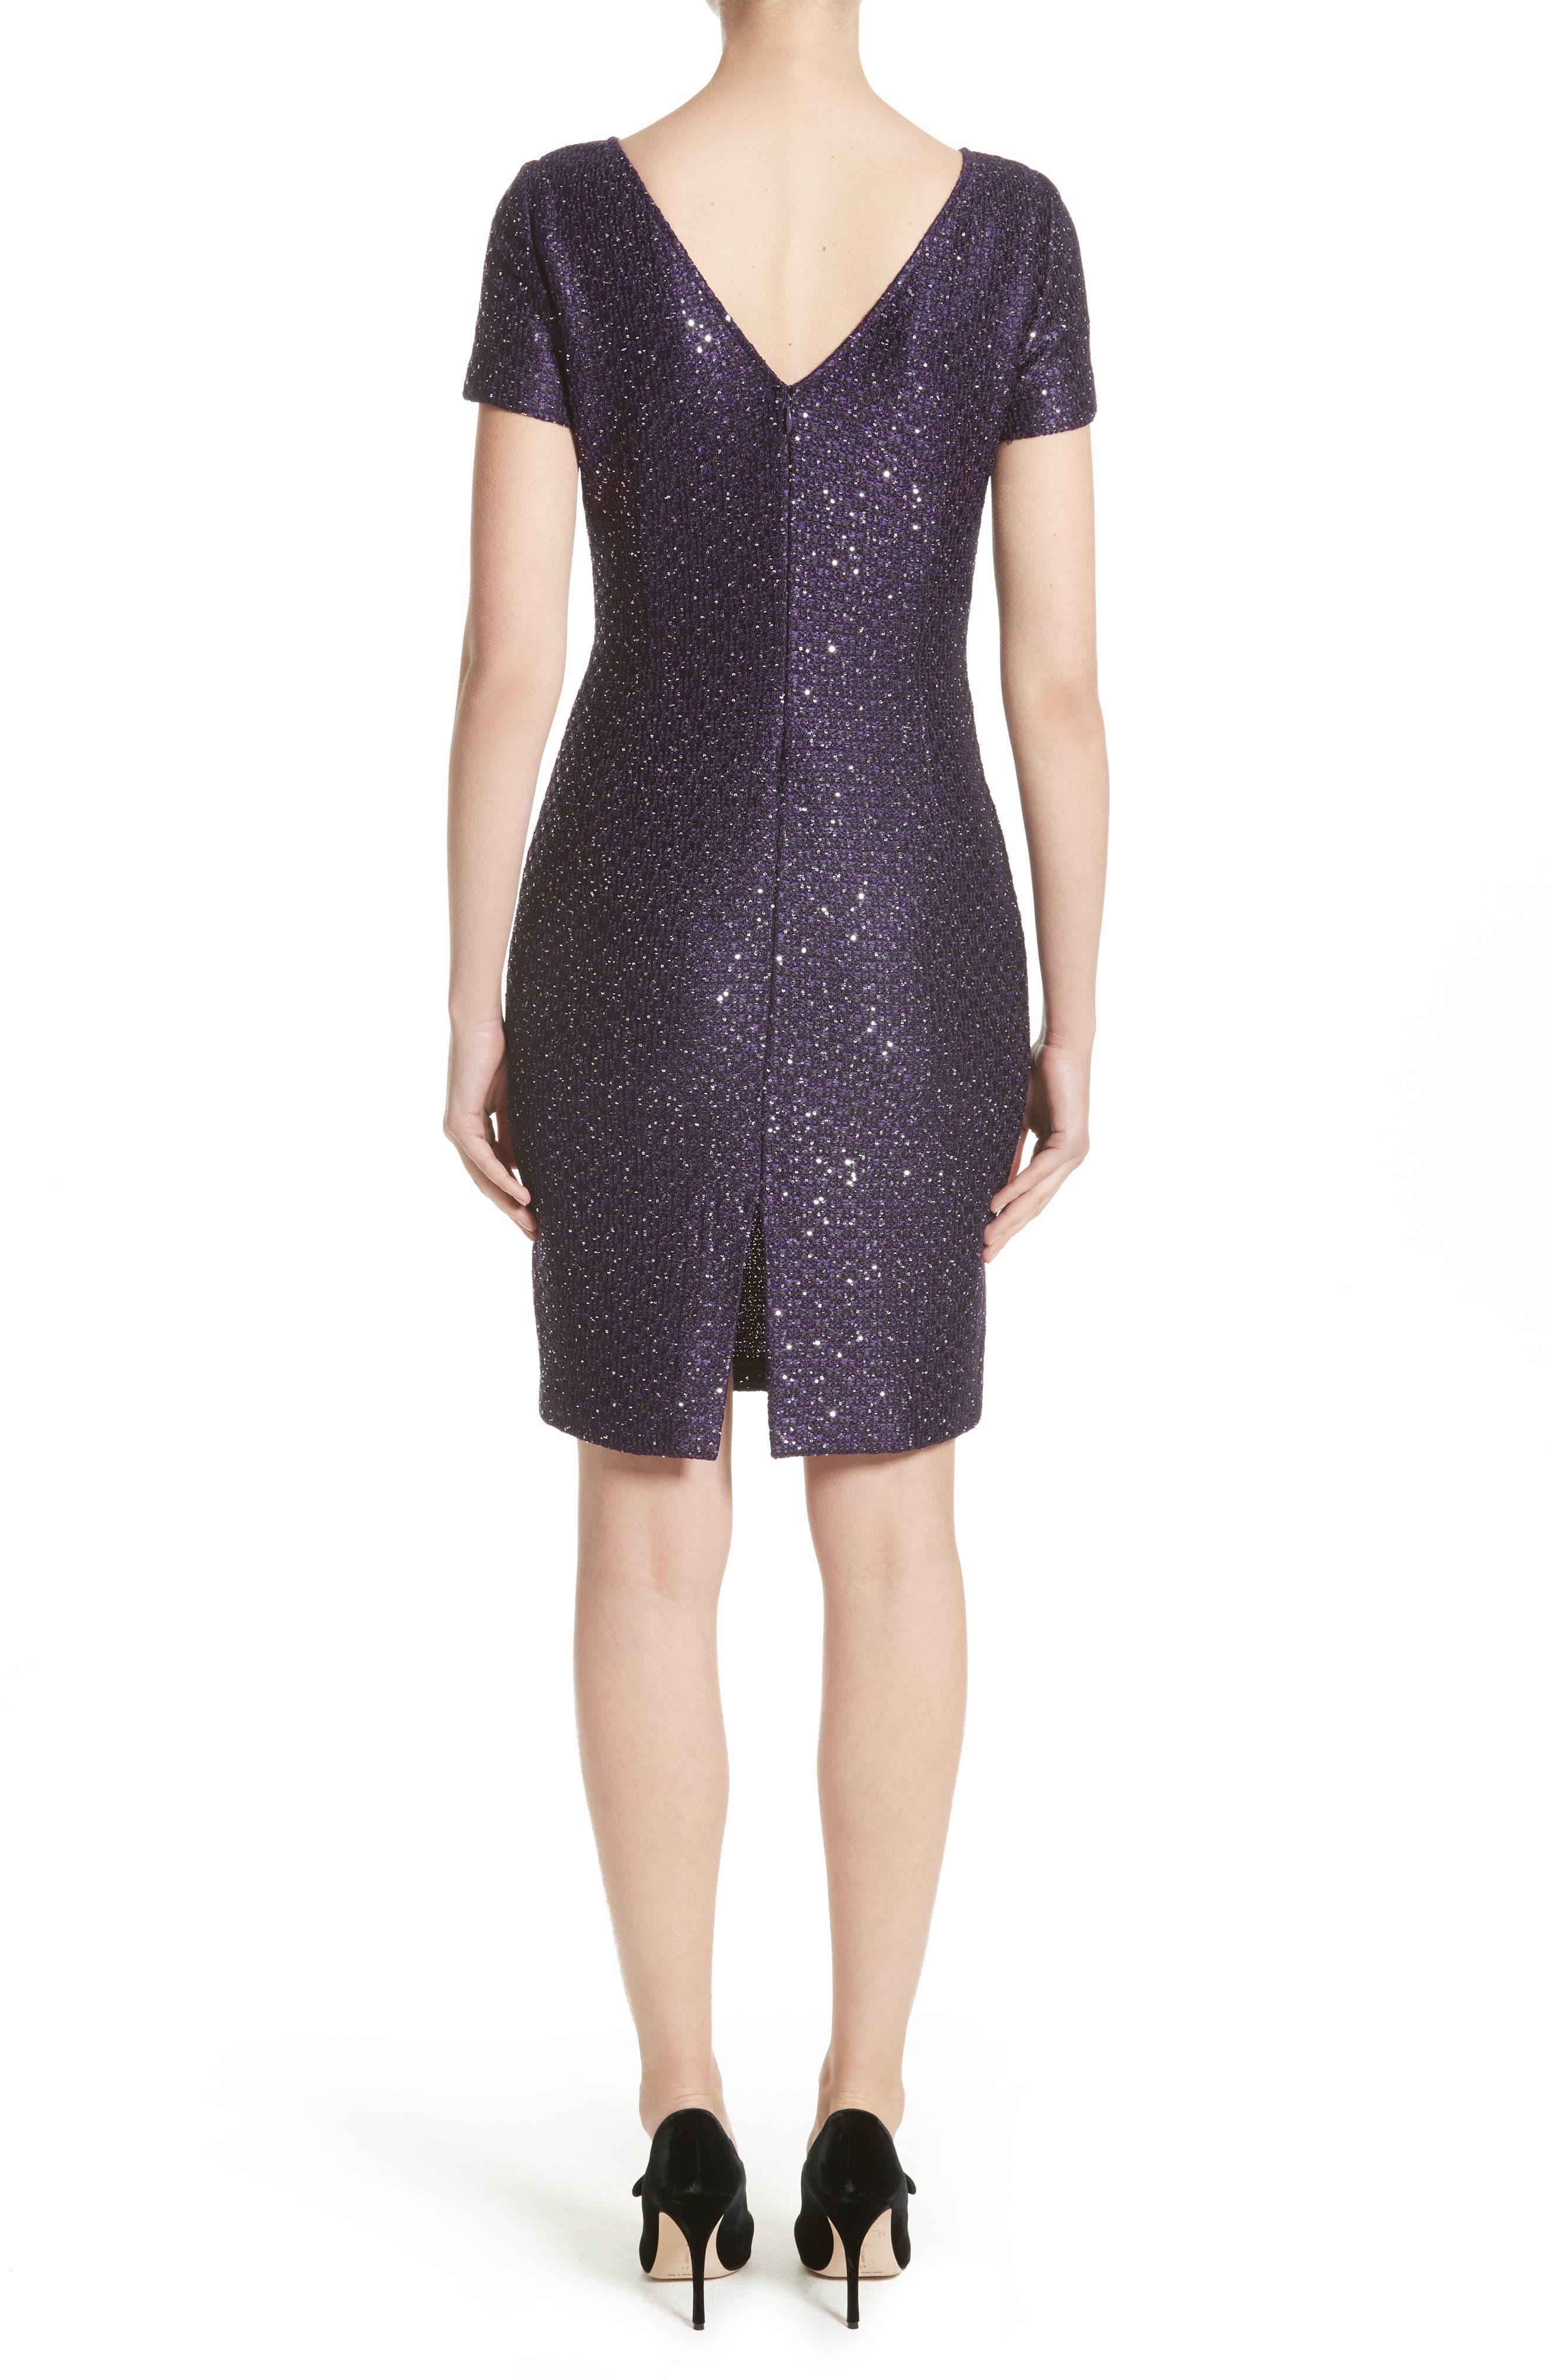 Hansh Sequin Knit Dress,                             Alternate thumbnail 2, color,                             500